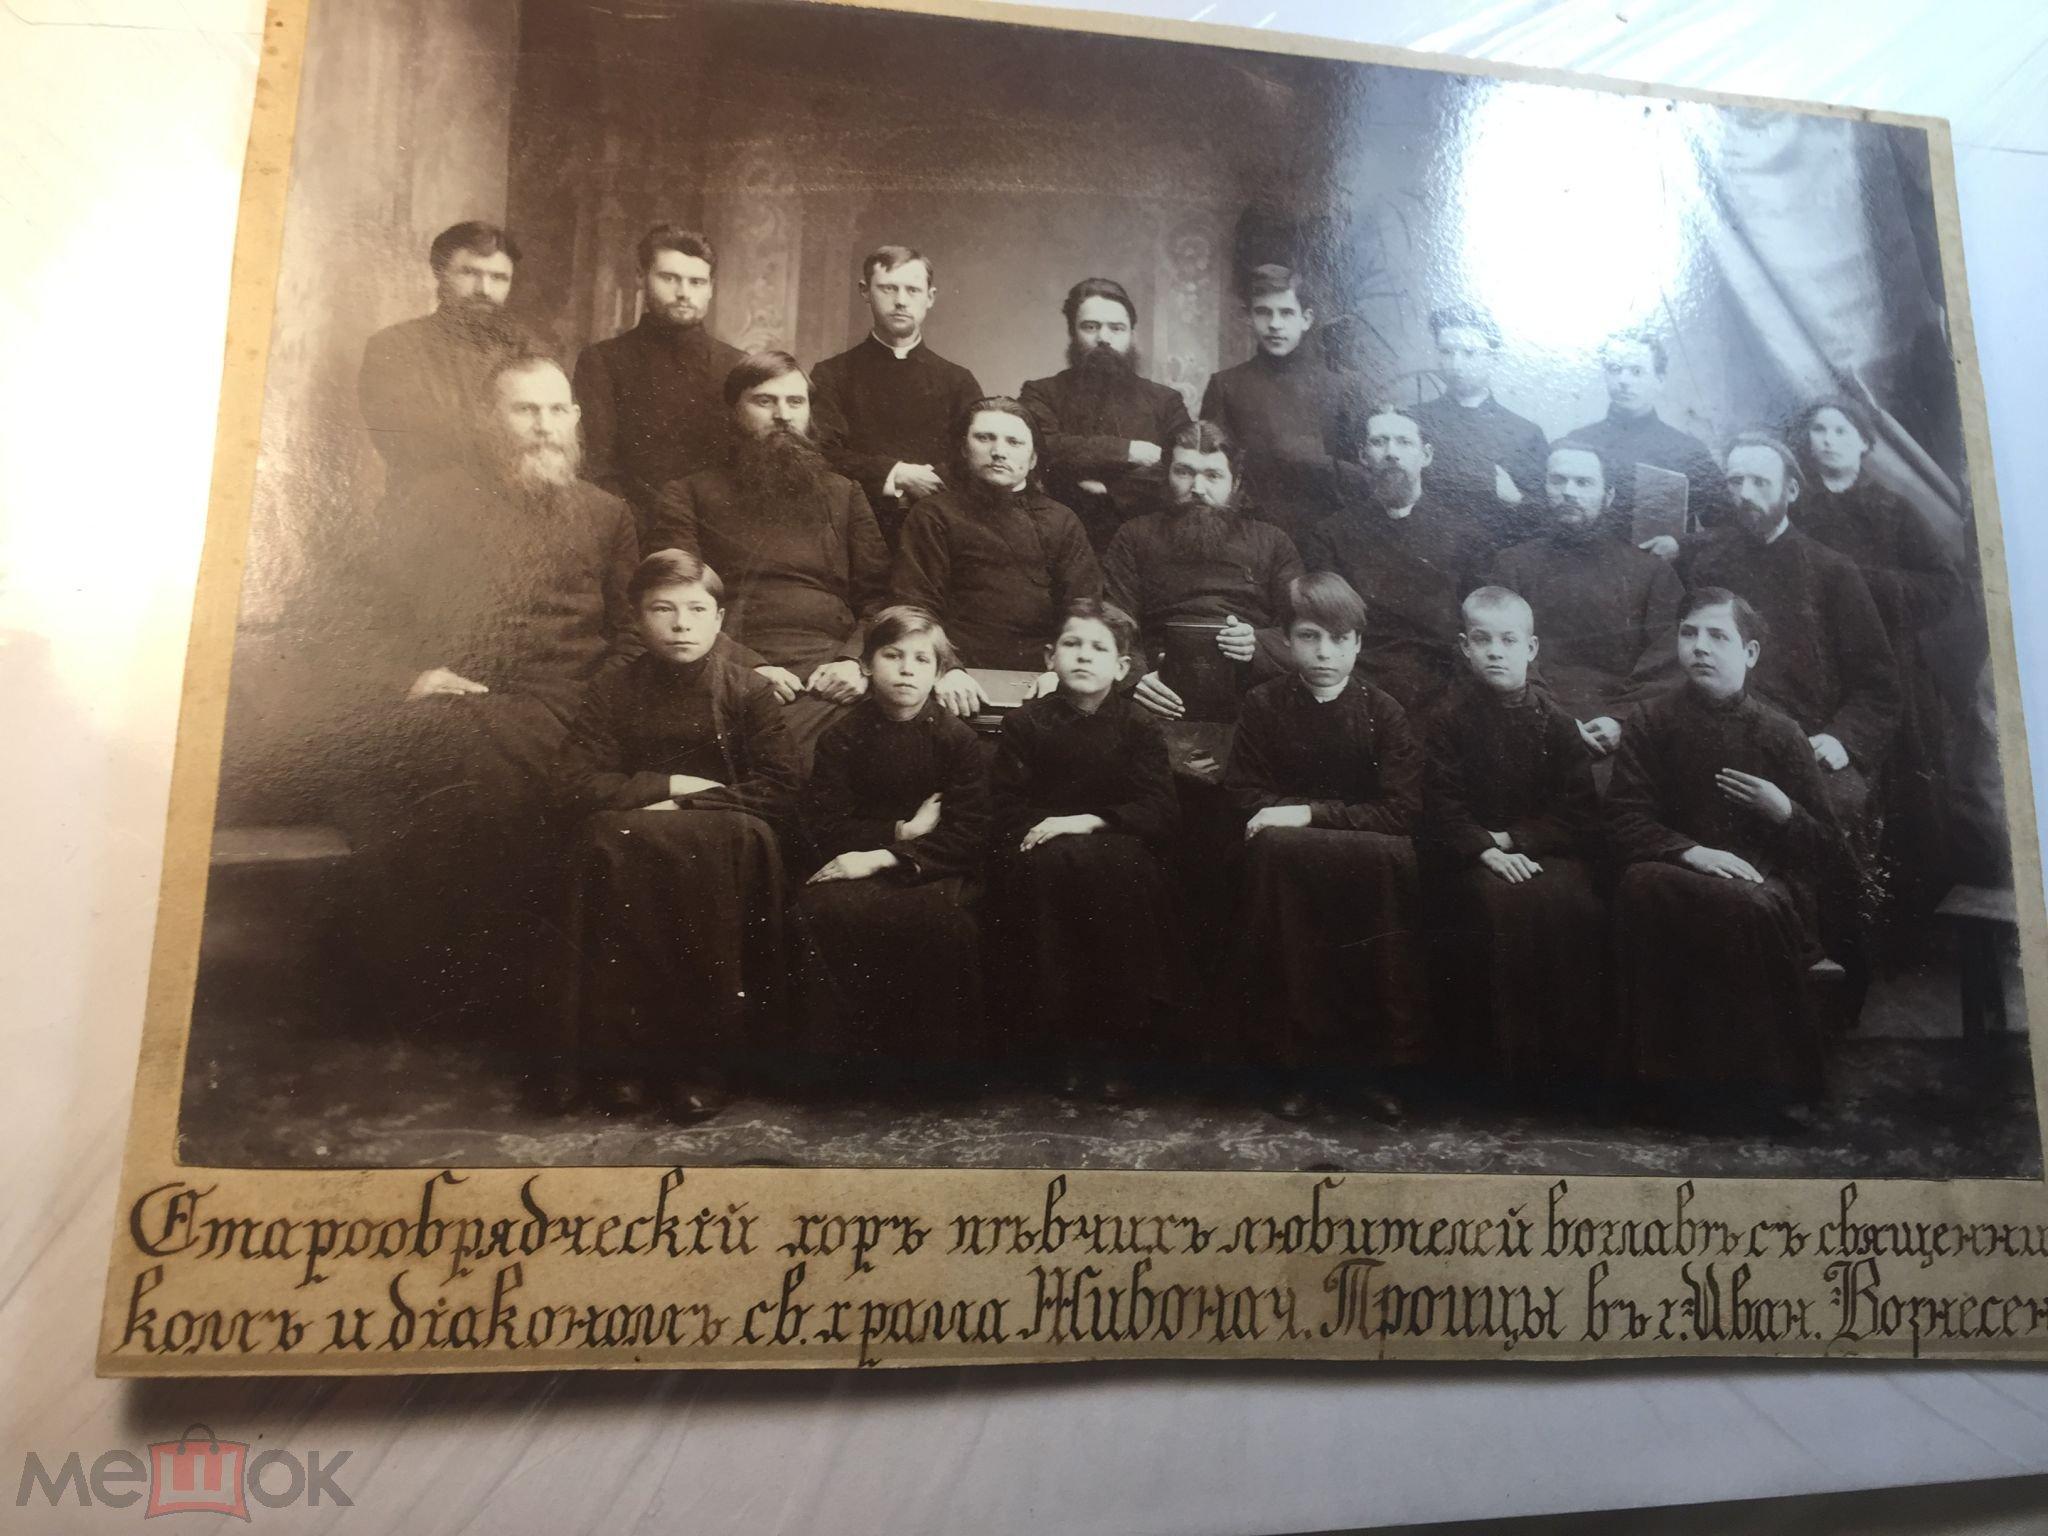 Старообрядческий хор Иваново Вознесенск